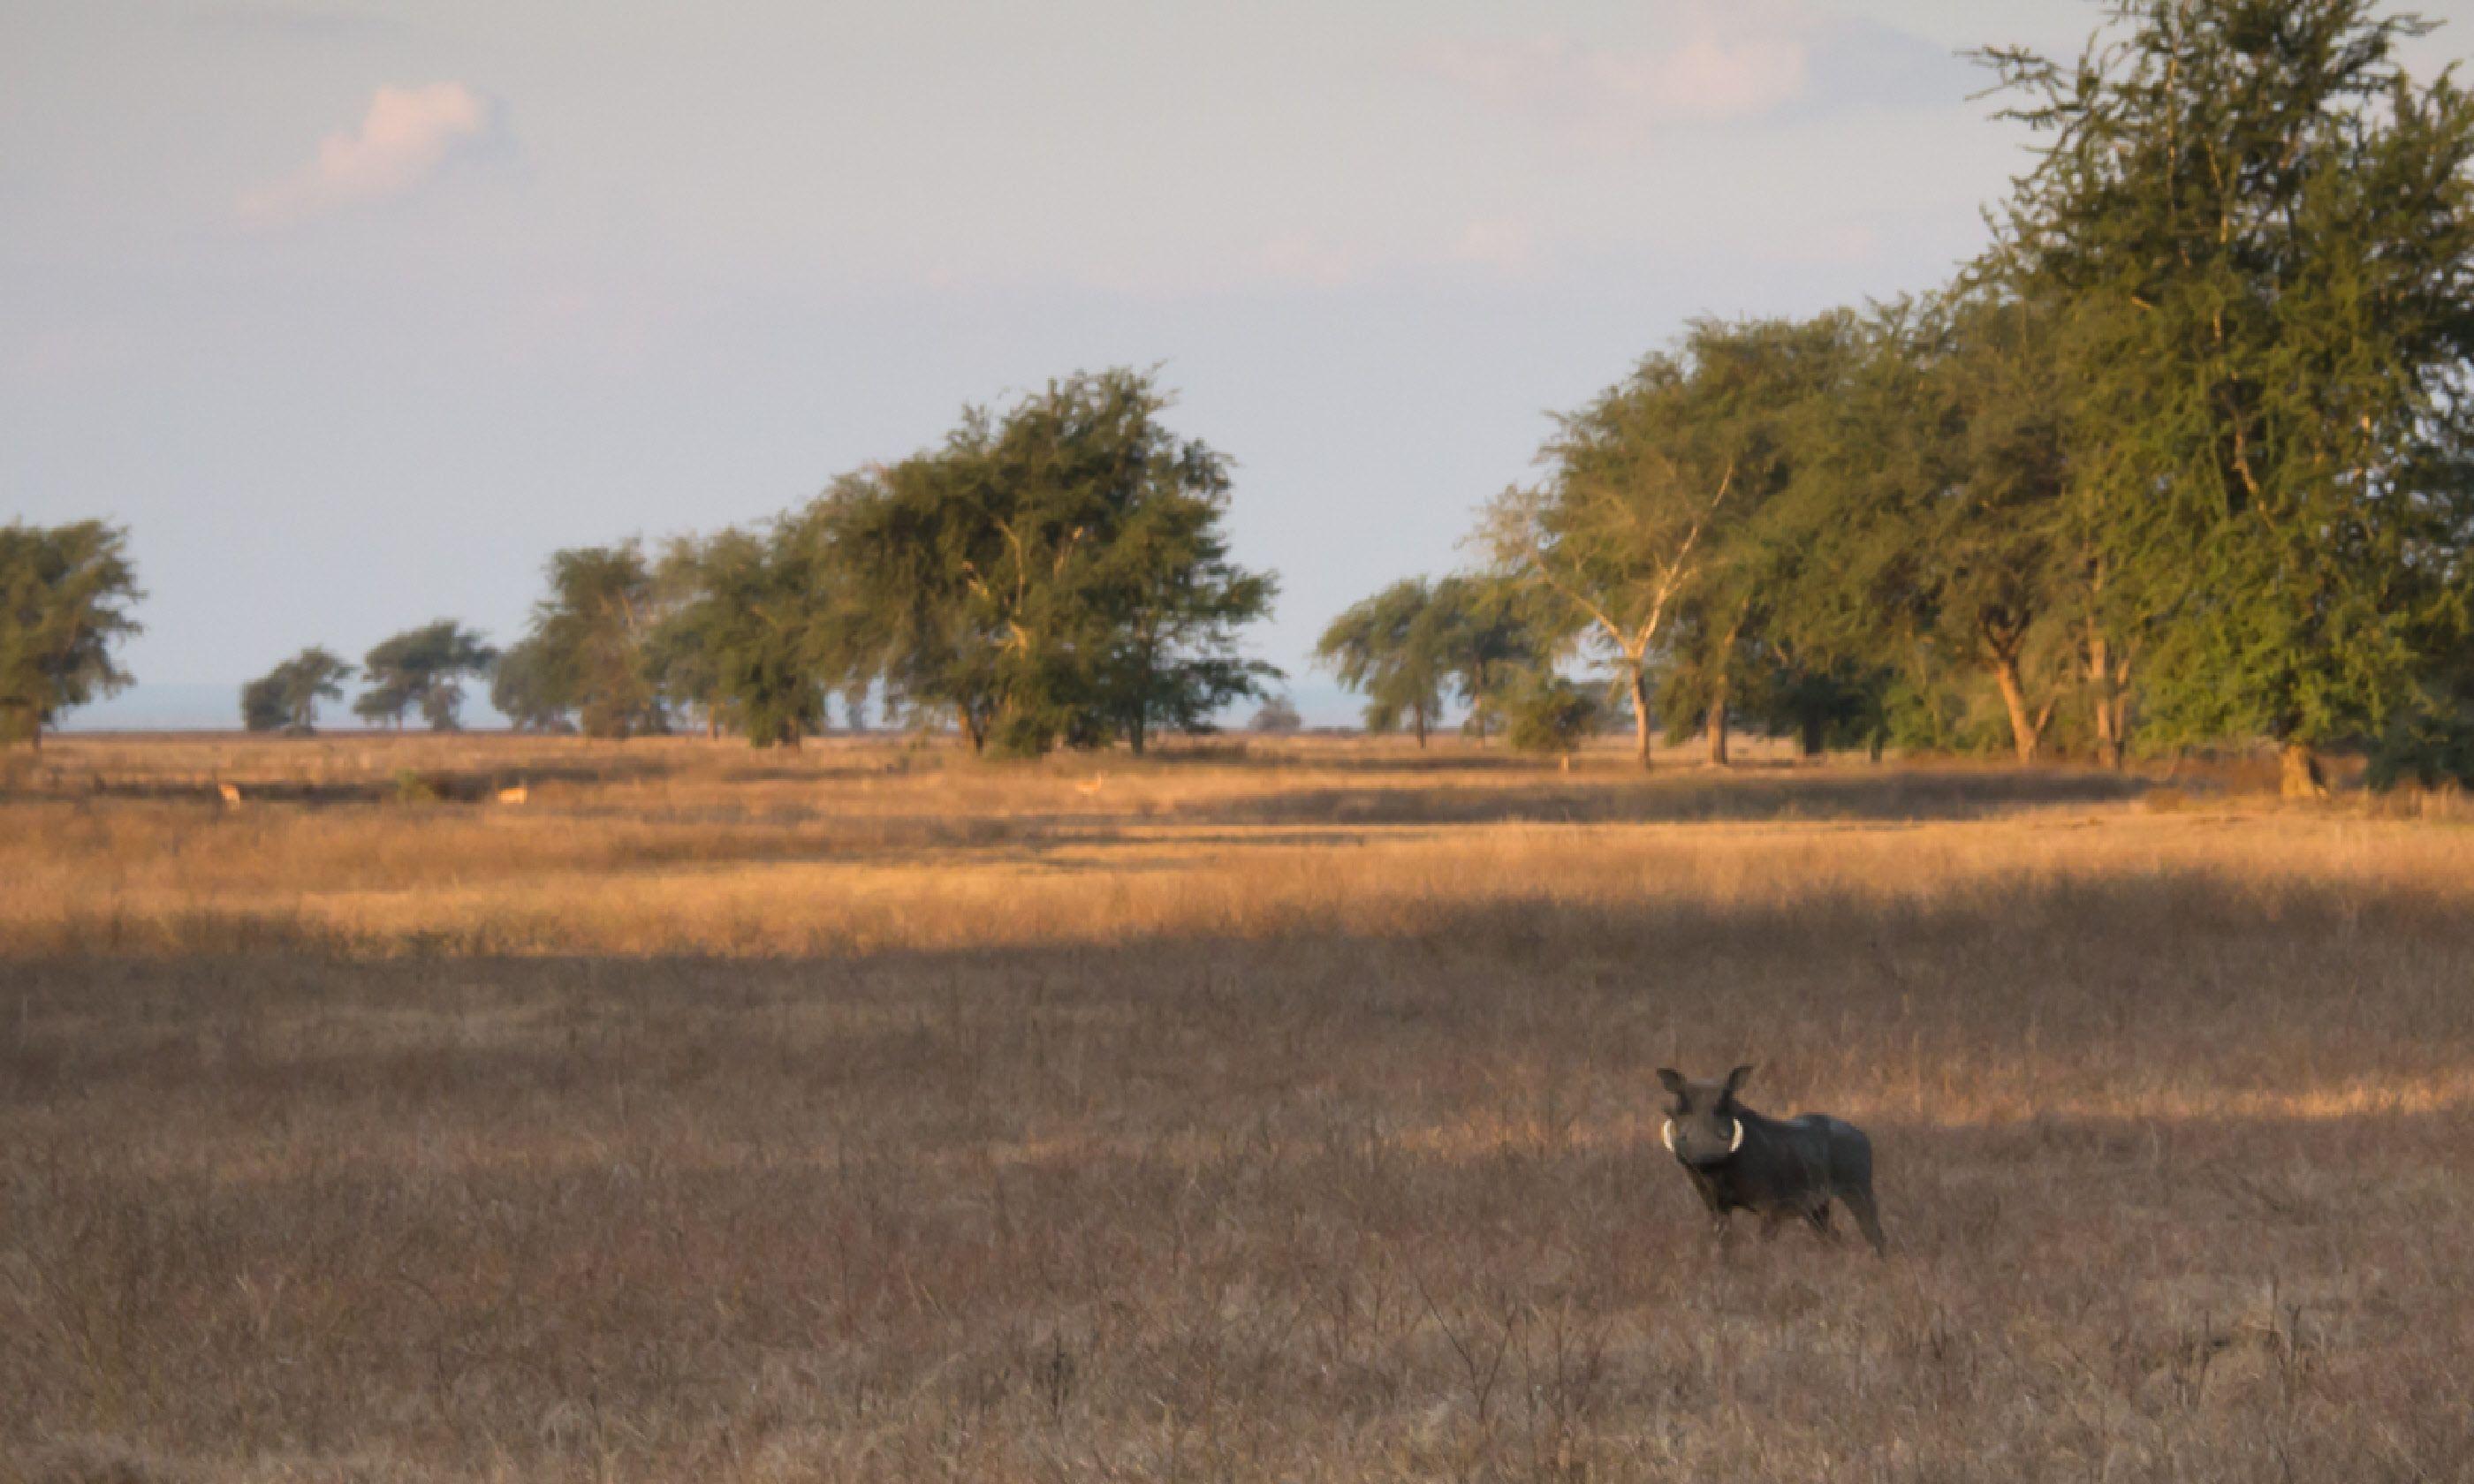 Warthog in Gorongosa (Dreamtime)